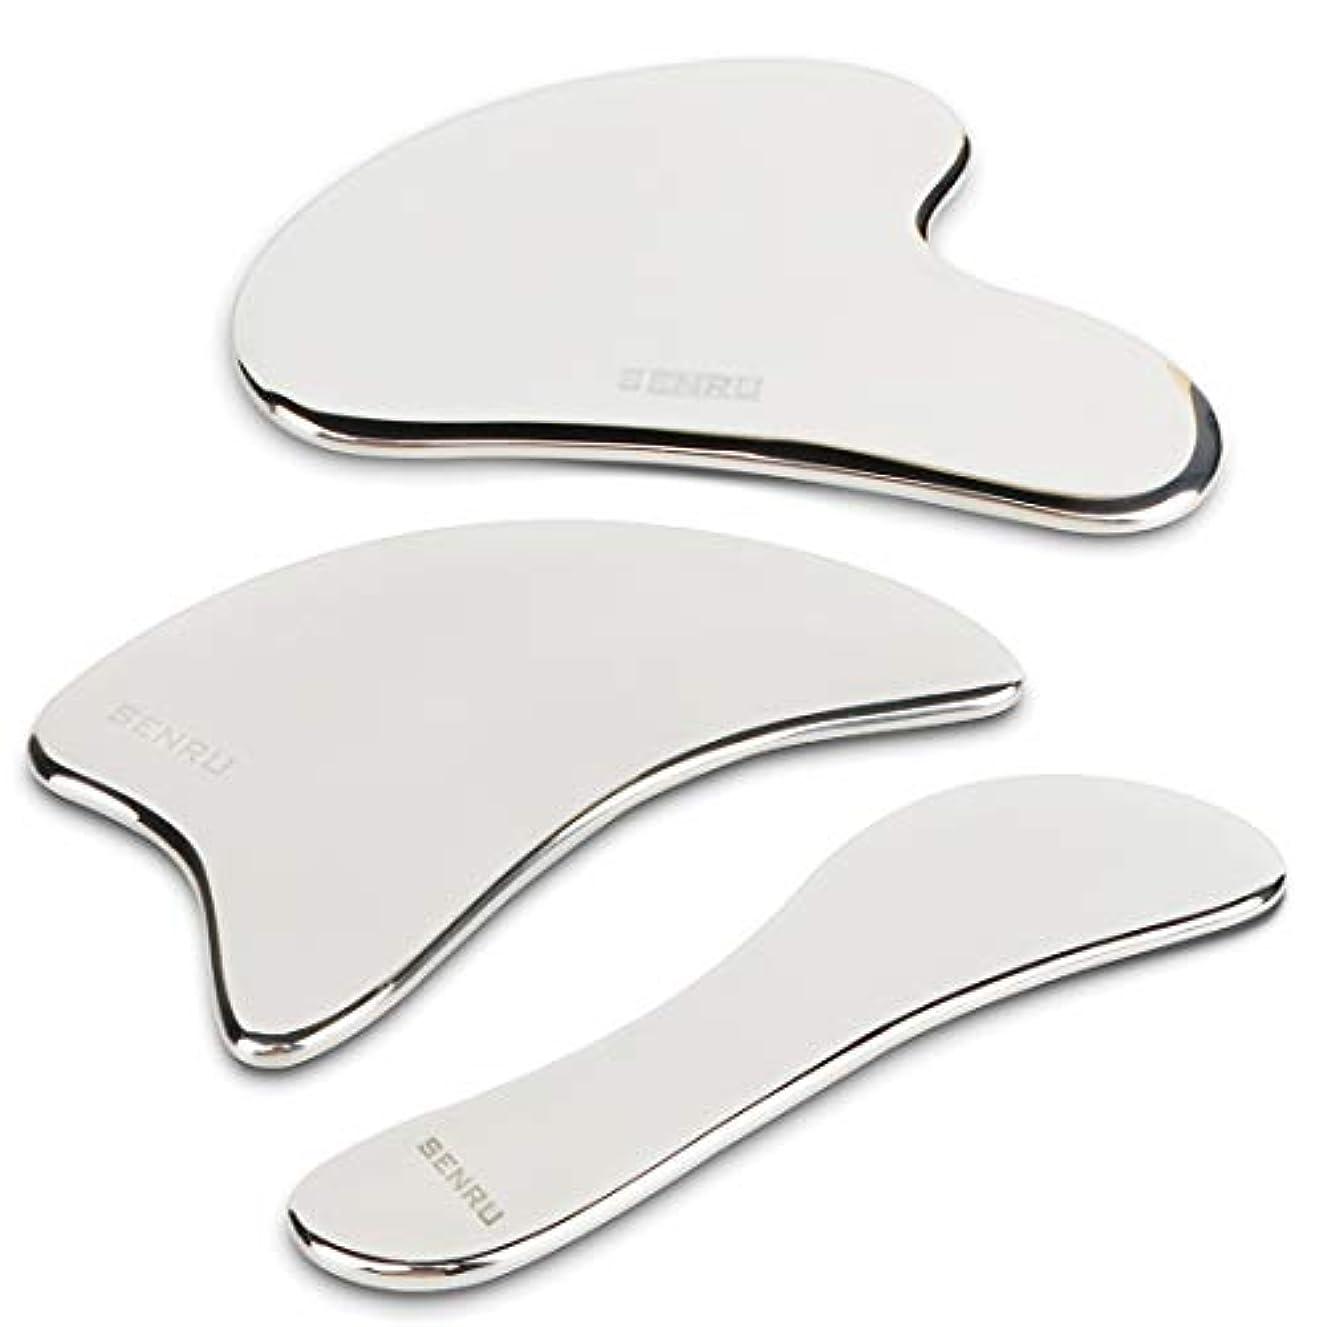 小道具クラックポットチューインガムステンレスかっさプレート かっさマッサージ 筋膜リリースツール IASTM 顔&体にマッサージ ほうれい線の消すに役立つ 専用Graston物理治療ツール 三つセット